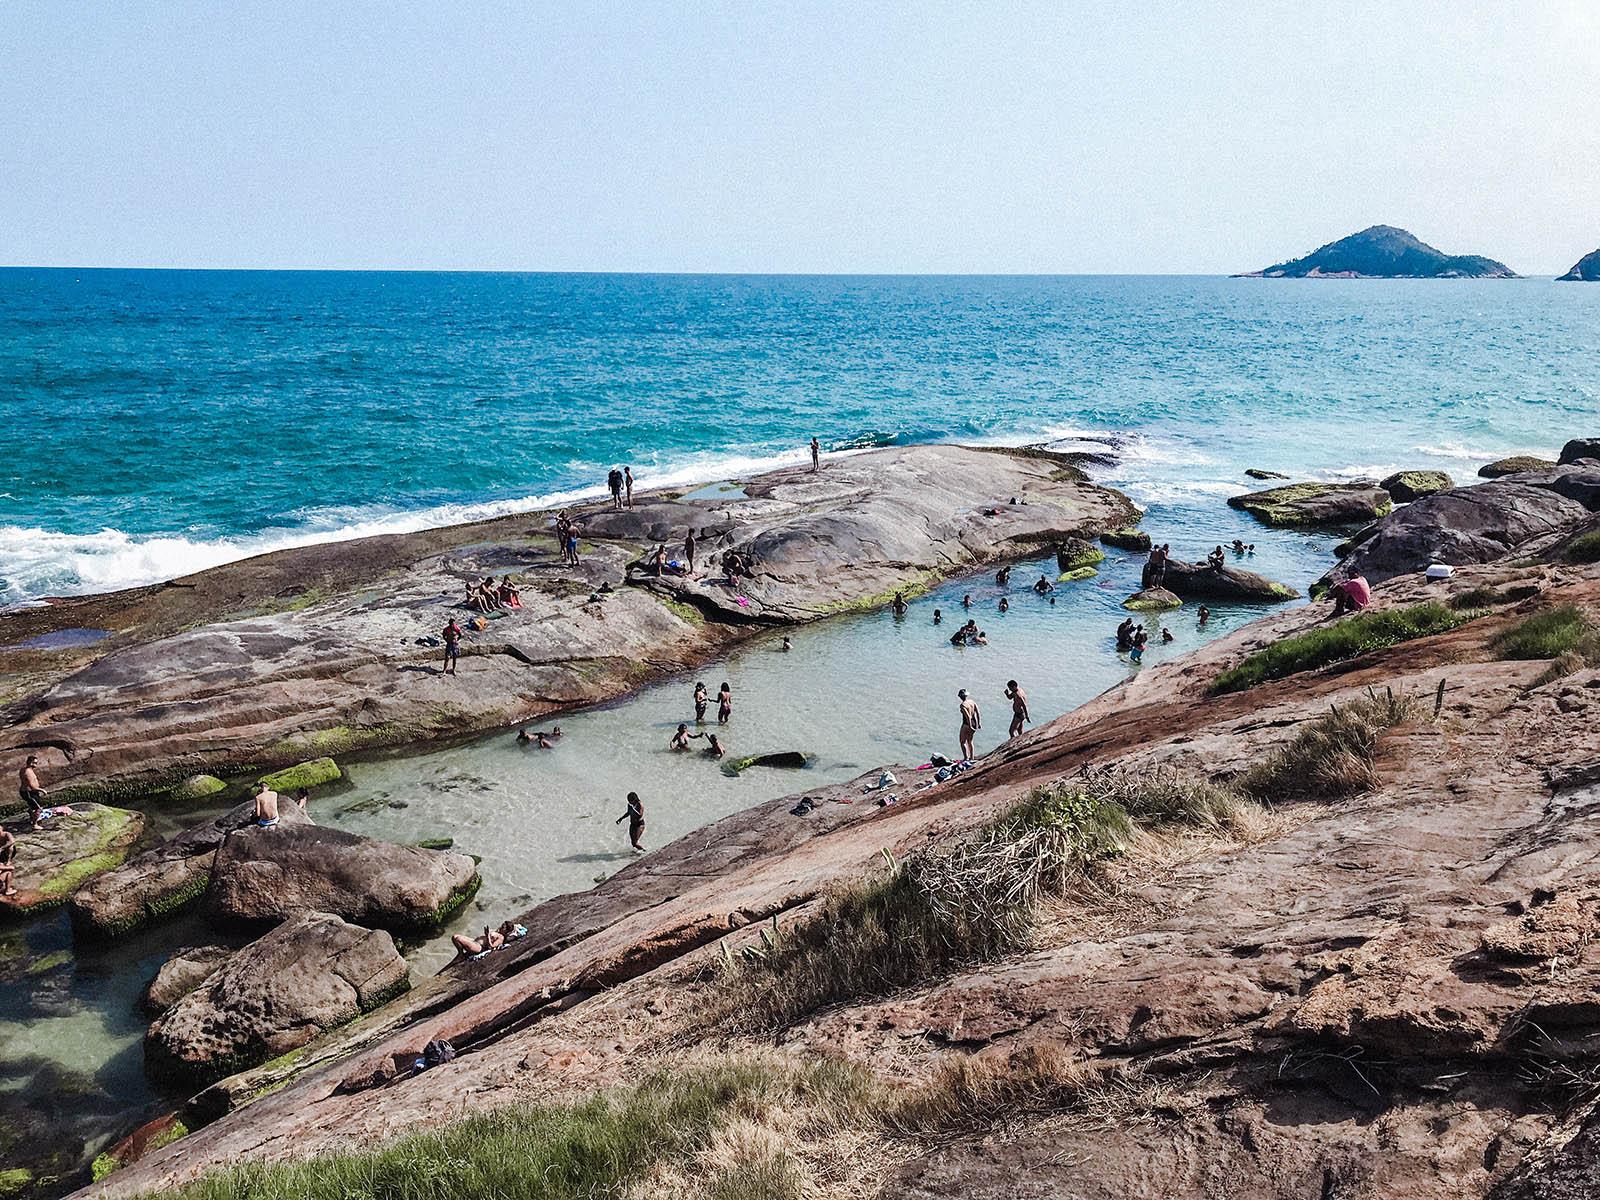 vista de cima da praia do secreto com pessoas